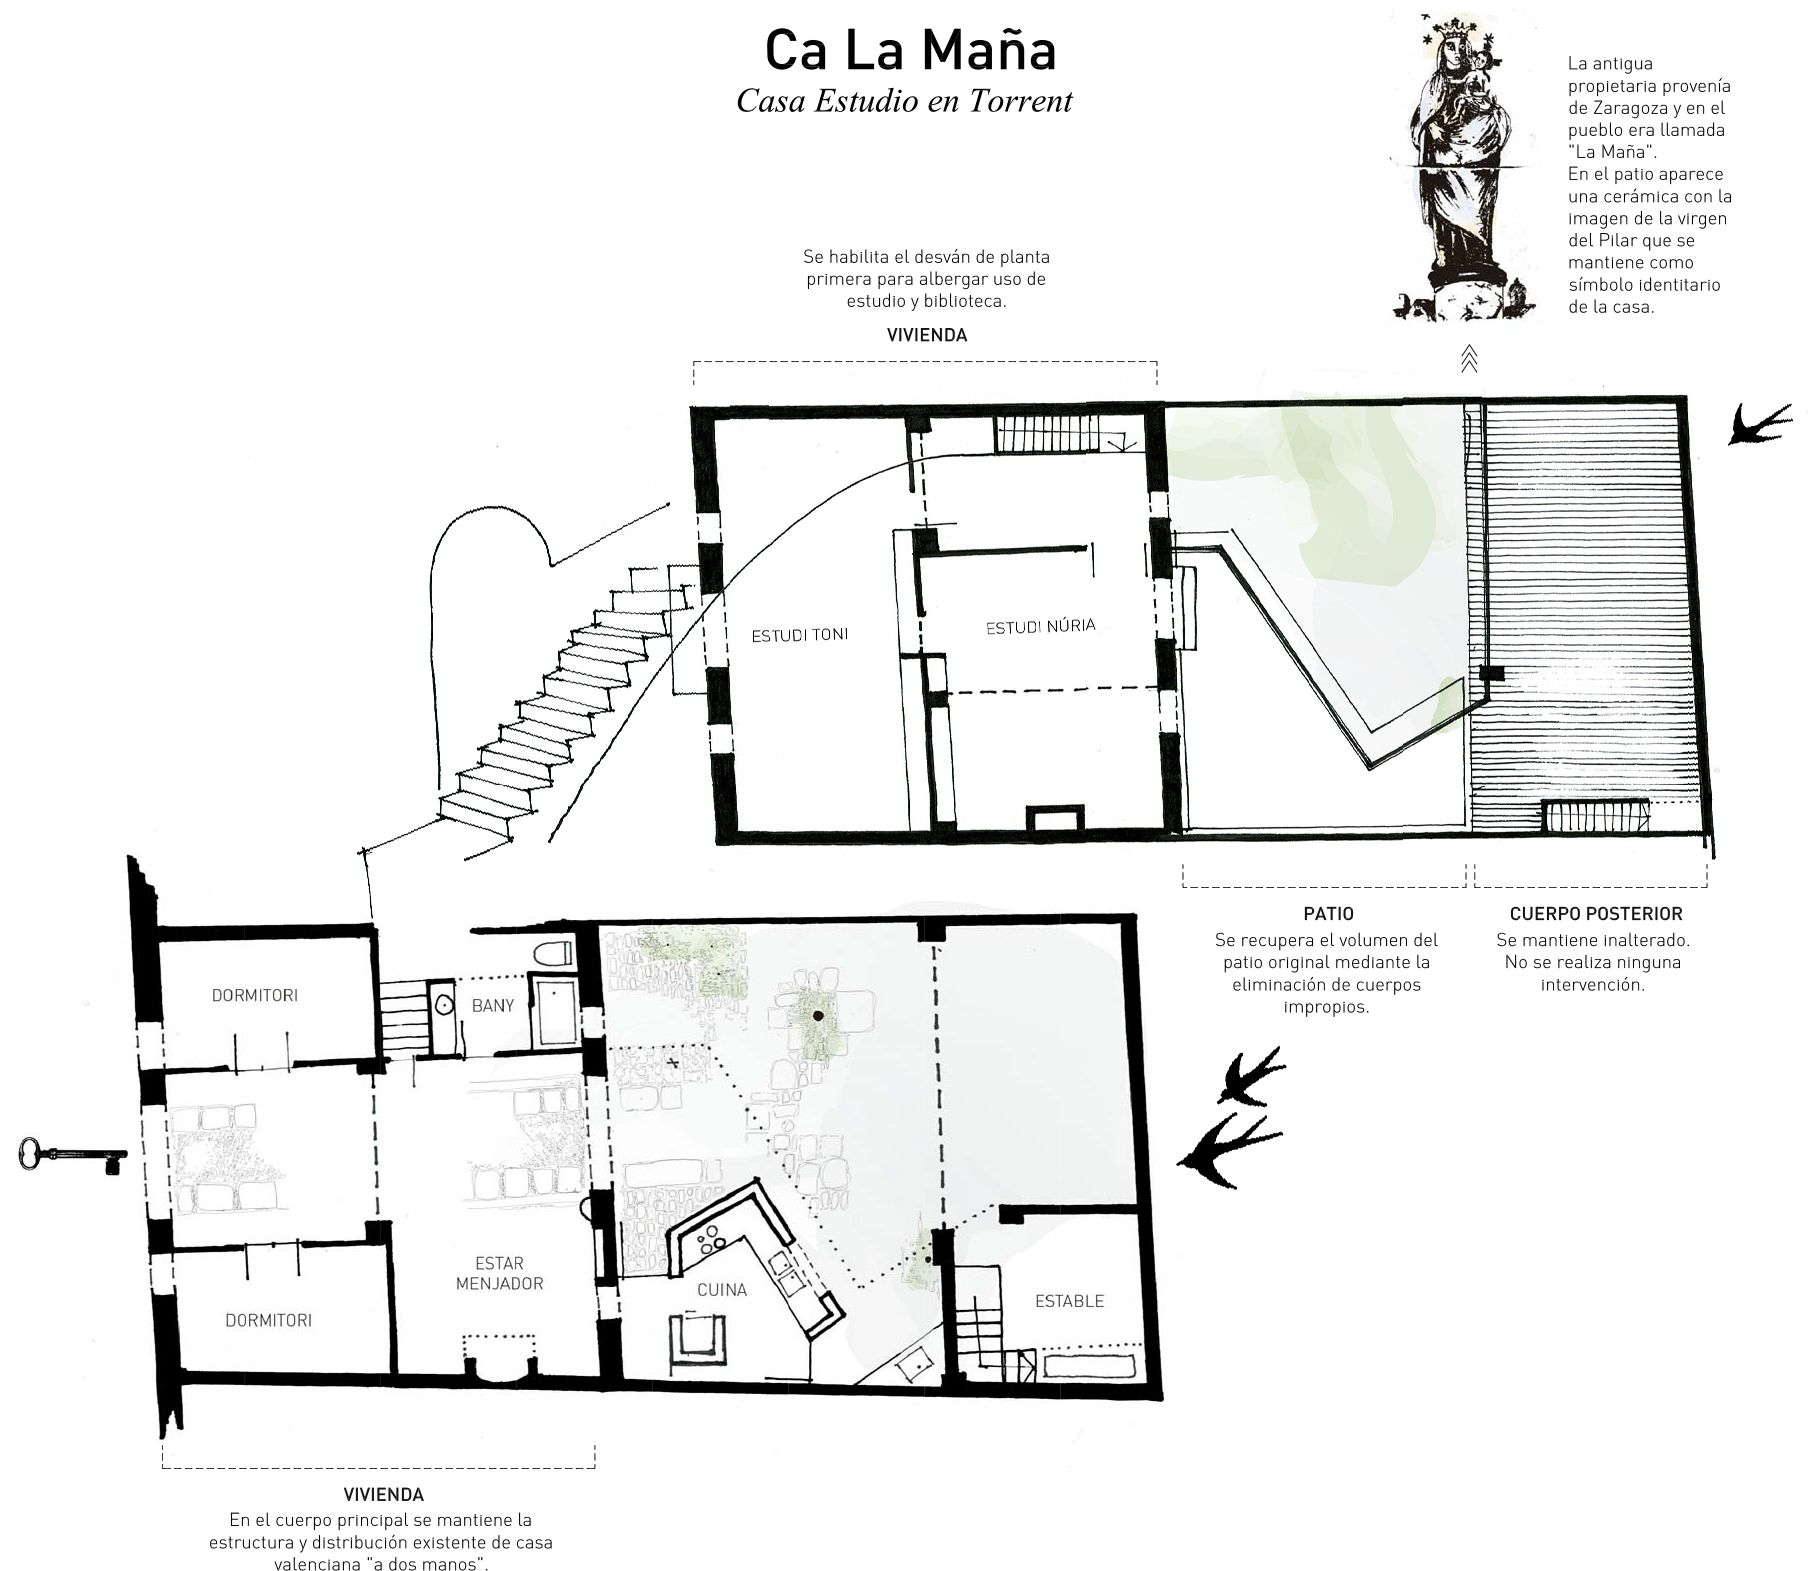 Ca La Mana Picture Gallery Architecture Presentation Photo Picture Gallery